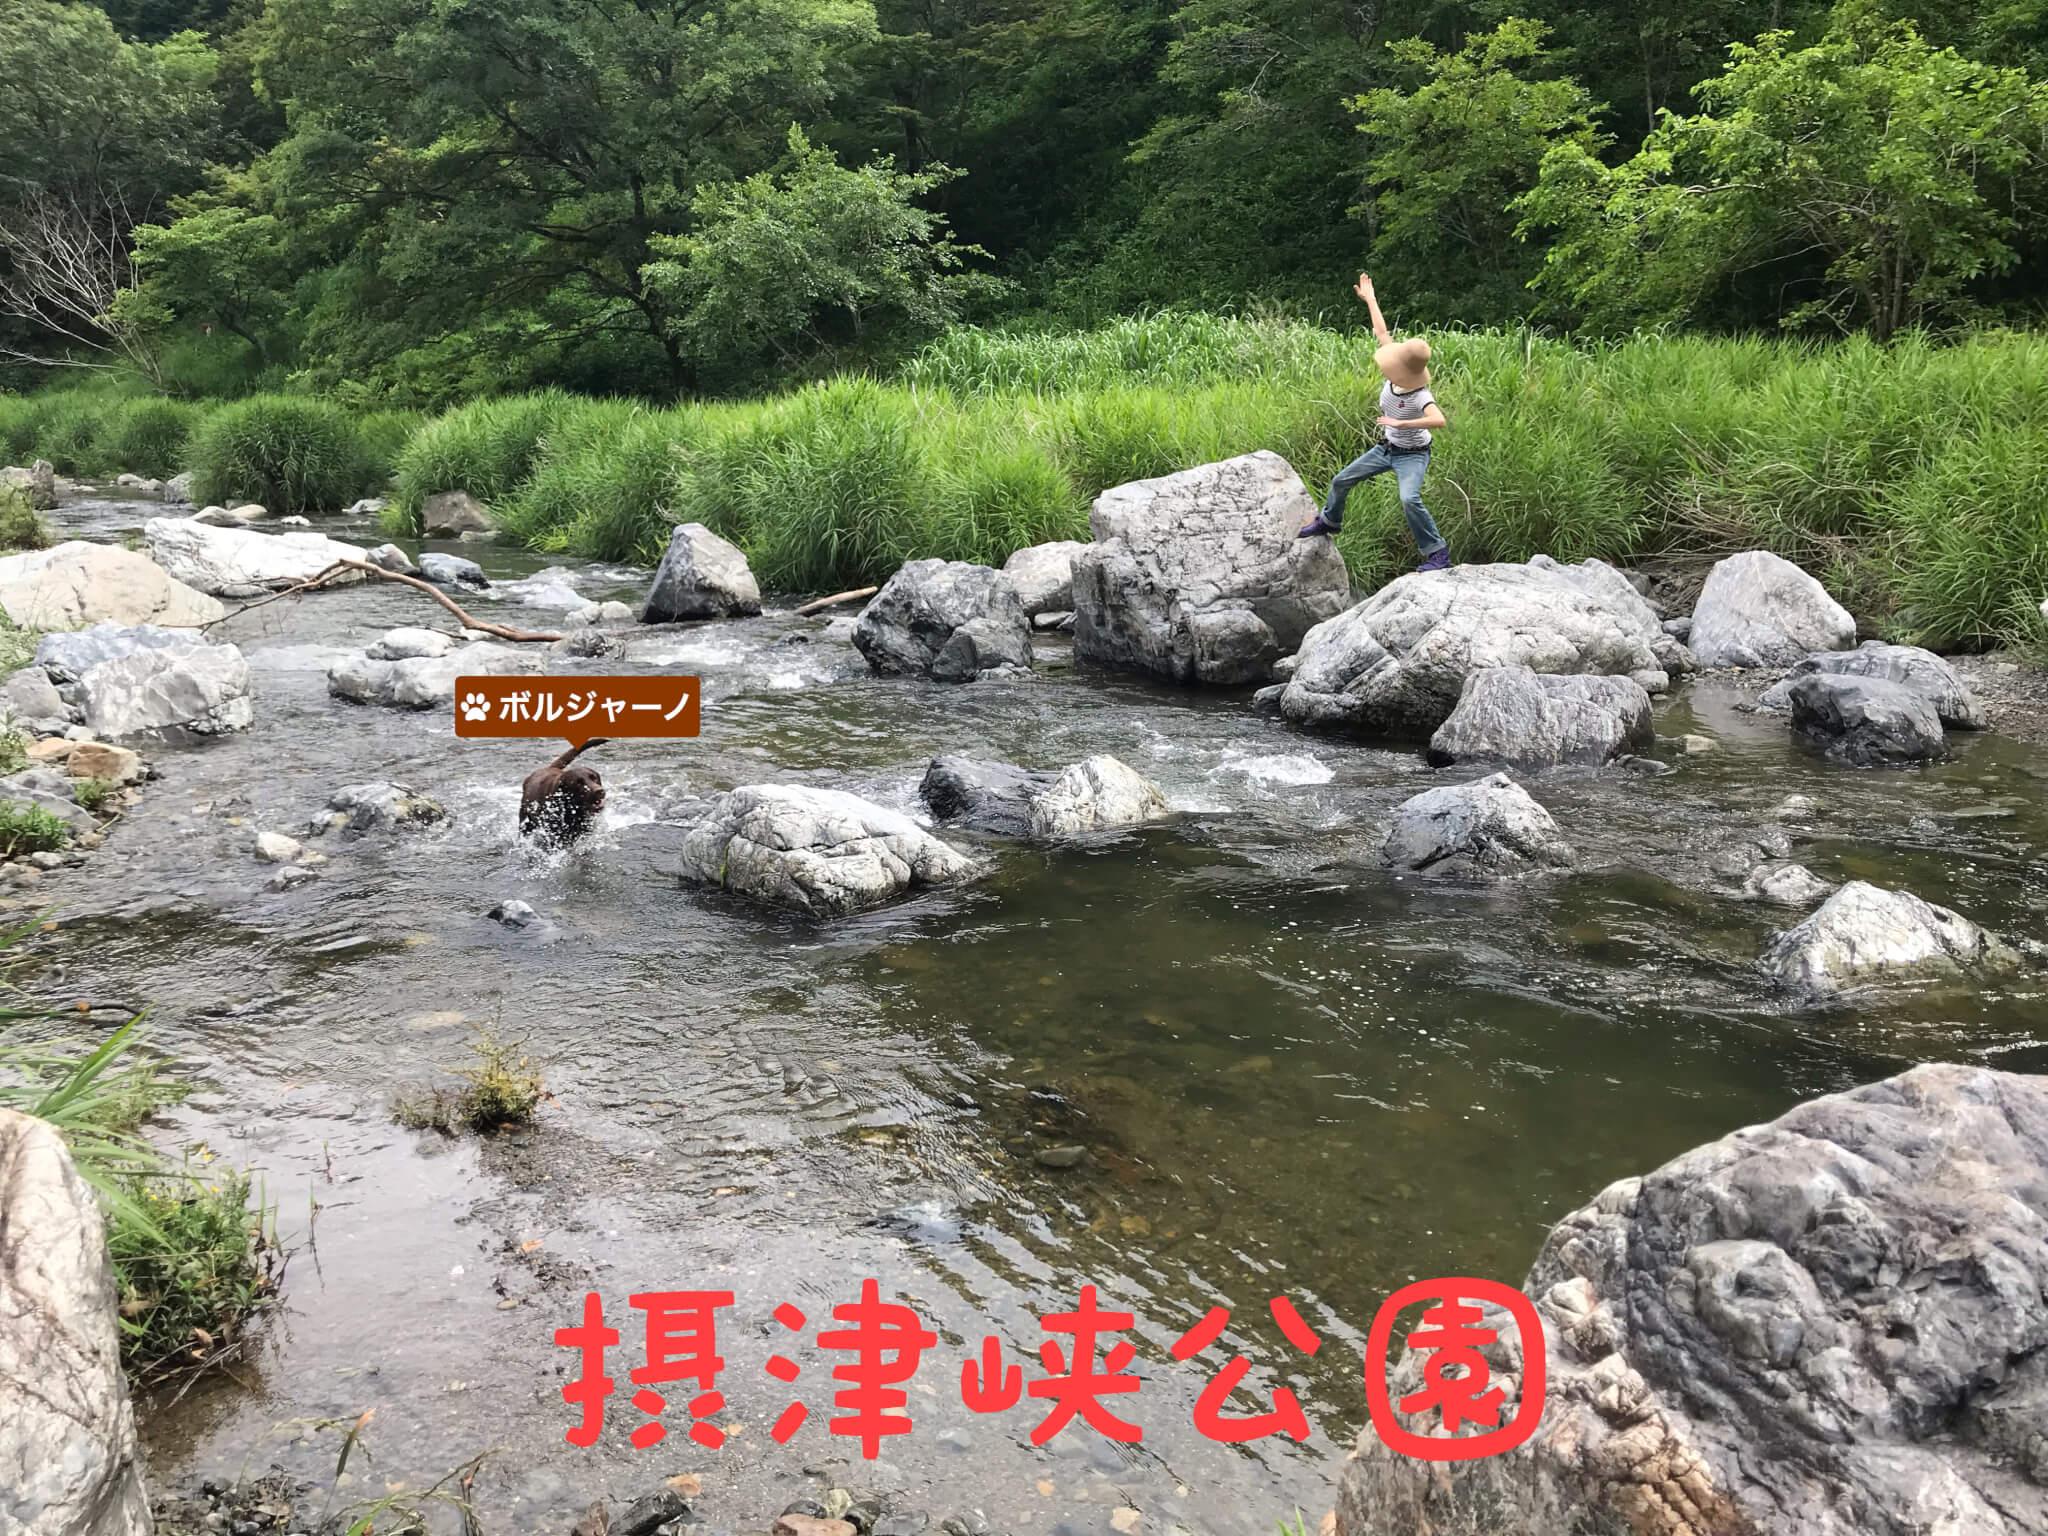 摂津峡公園 ボルジャーノ 川で遊ぶラブラドールレトリバー 芥川 岩に乗る飼い主